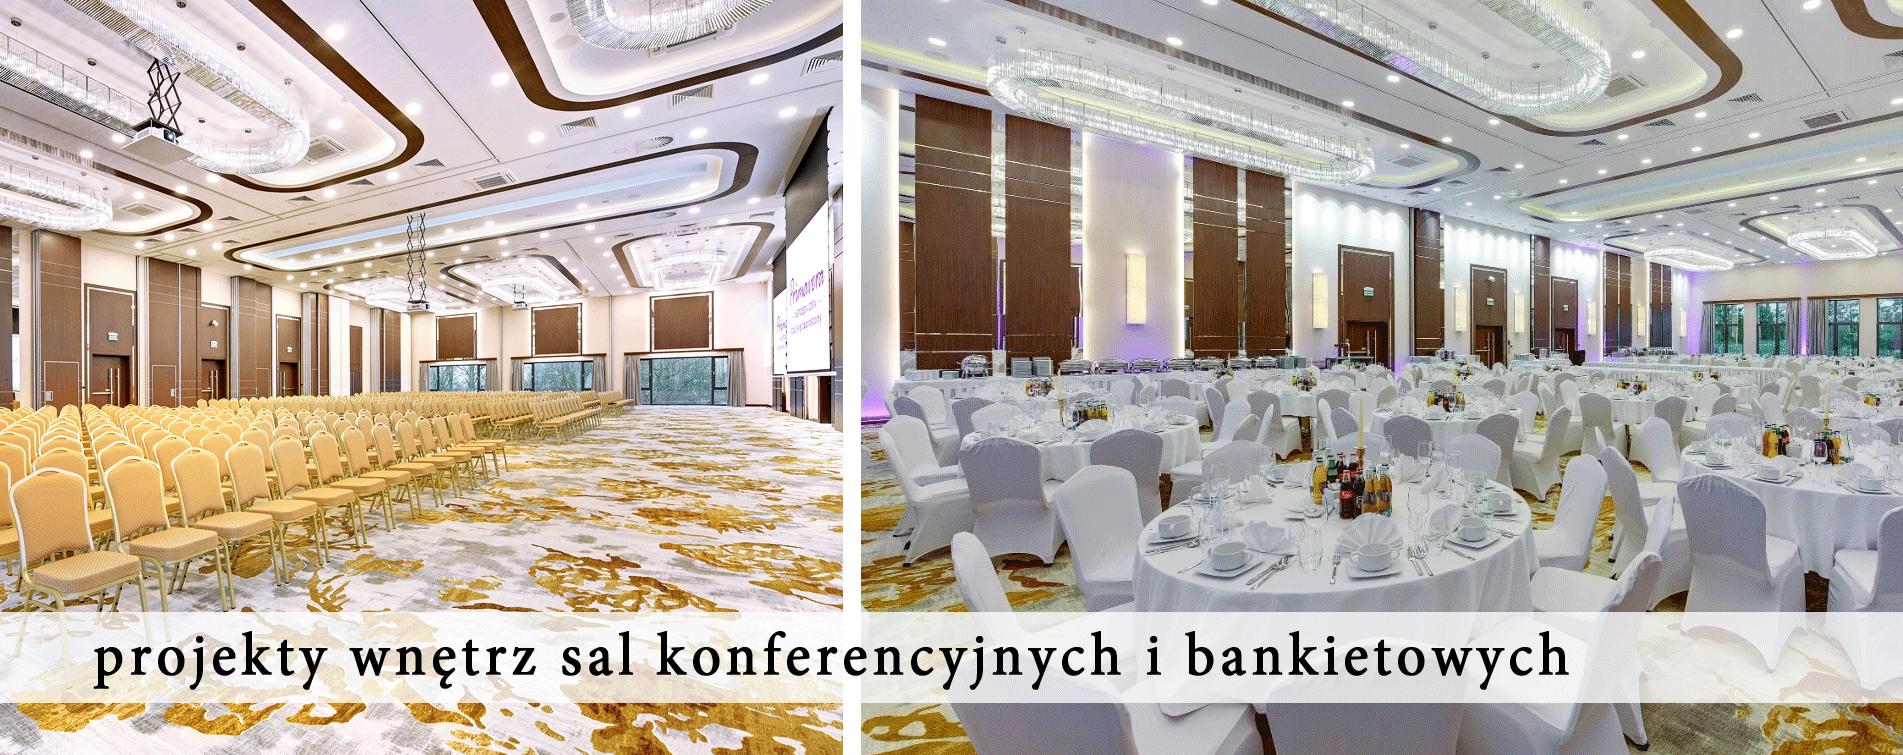 projekty_wnetrz_sal_konferencyjnych_bank